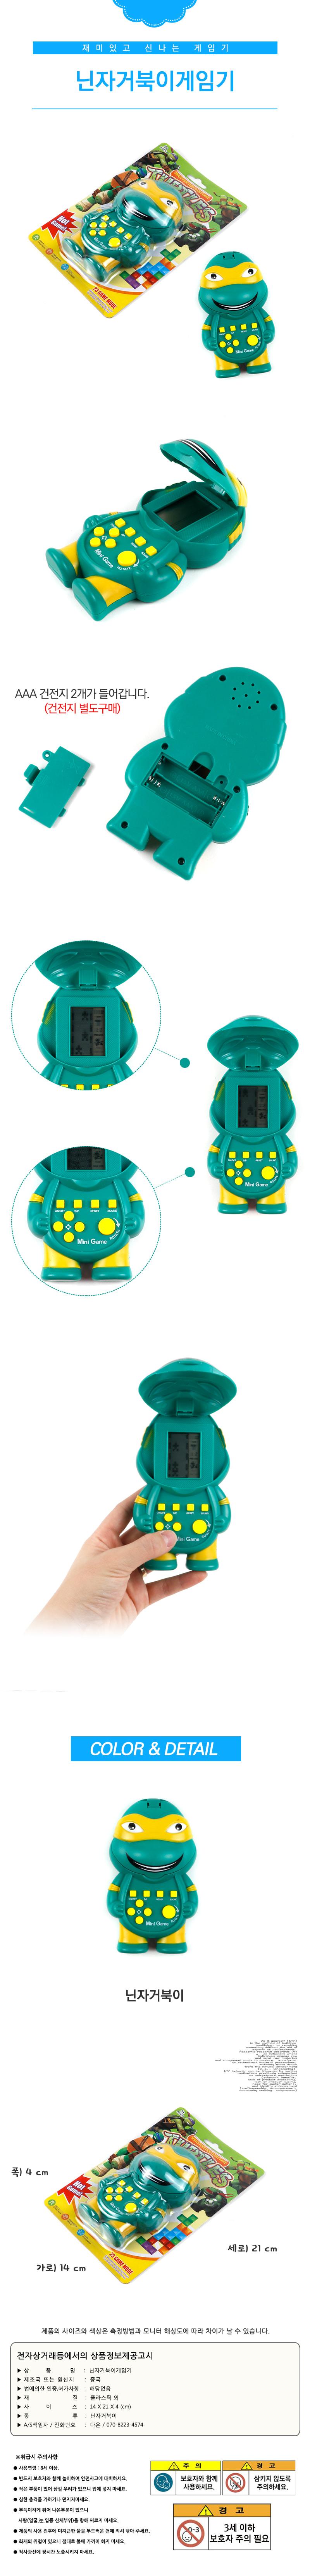 닌자거북이게임기 랜덤 - 아토, 4,500원, 작동완구, 태엽장난감